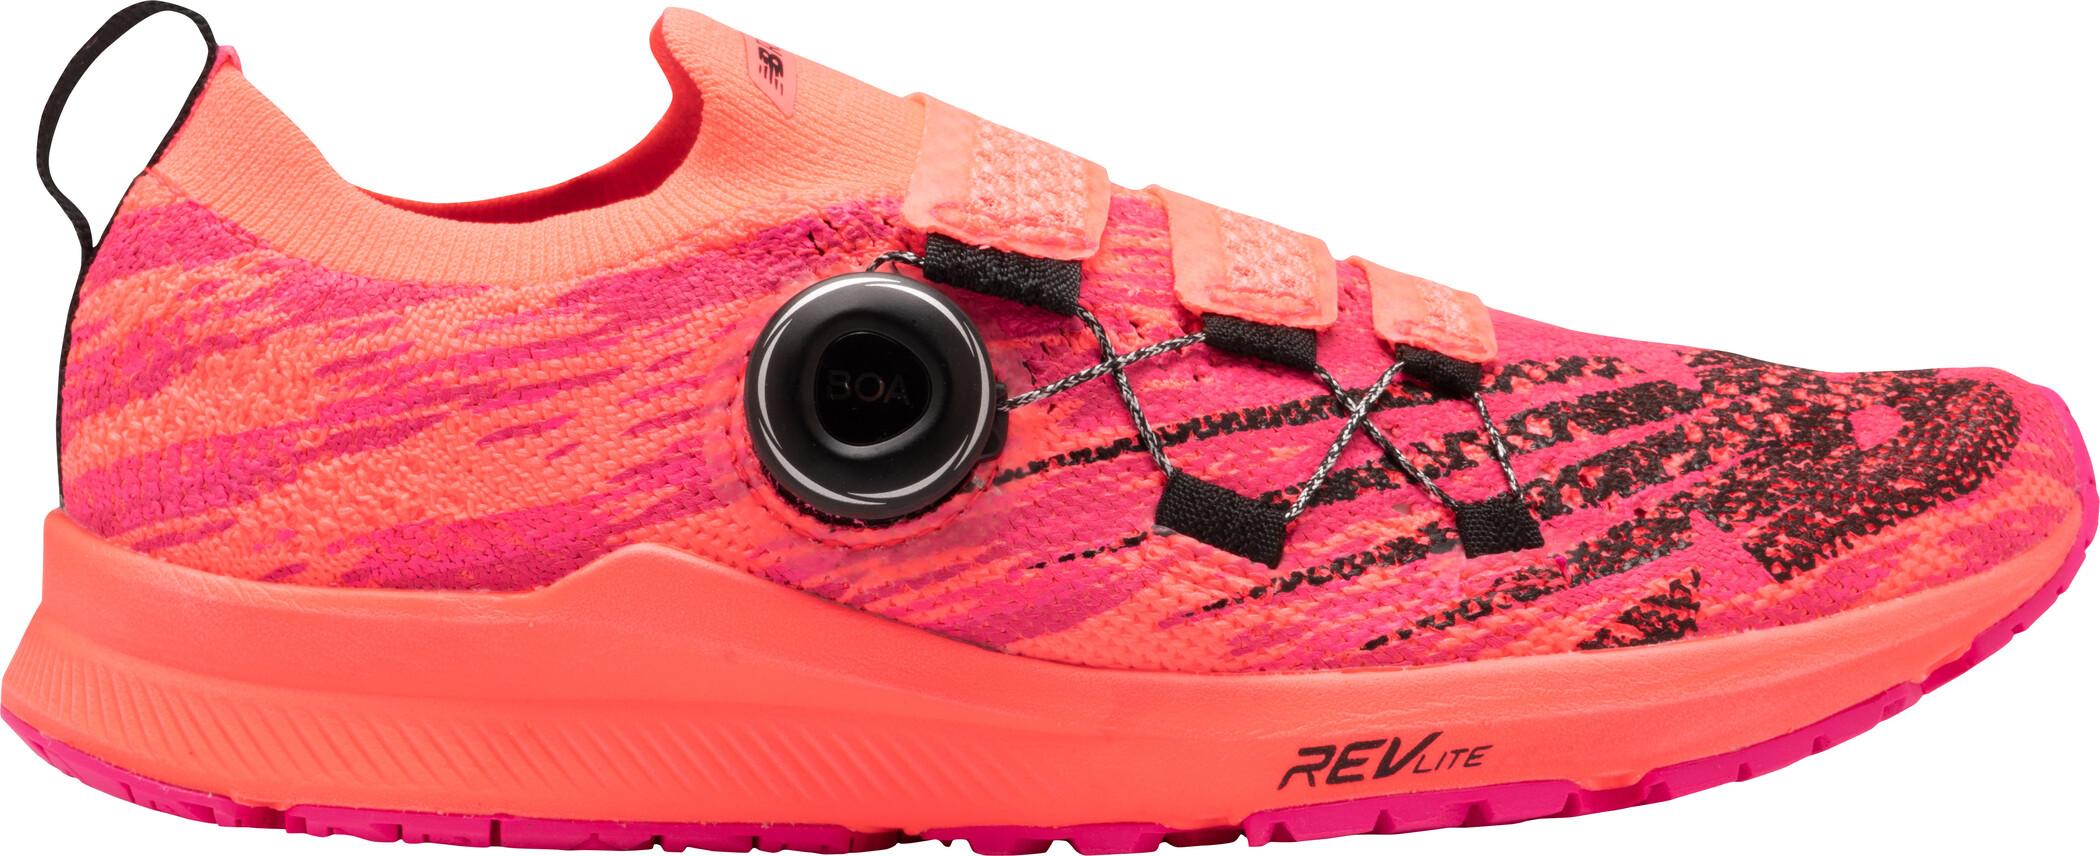 New Balance 1500 V6 Boa Schuhe Damen pink/tb2